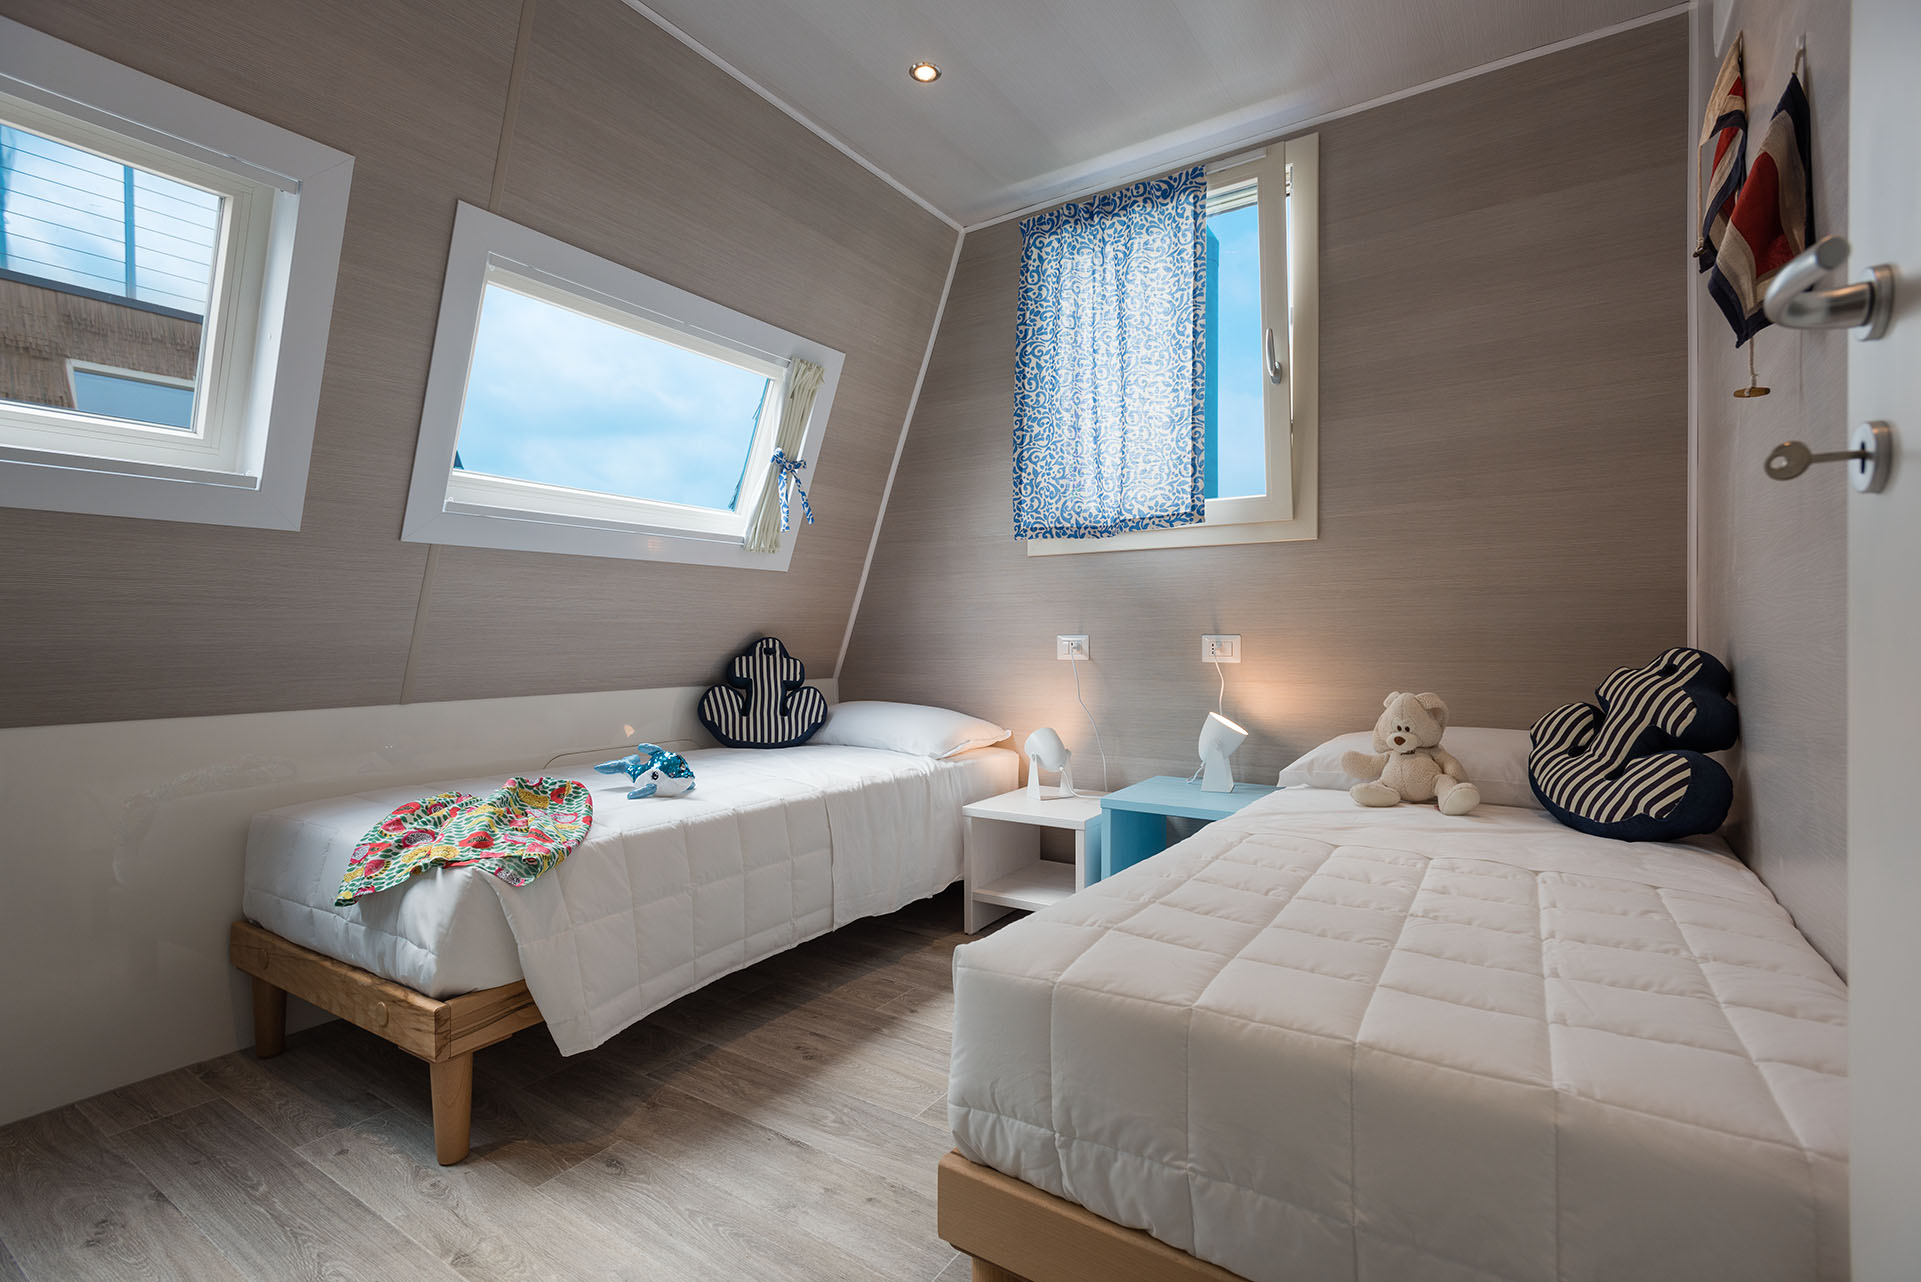 Marina houseboat 3 pax